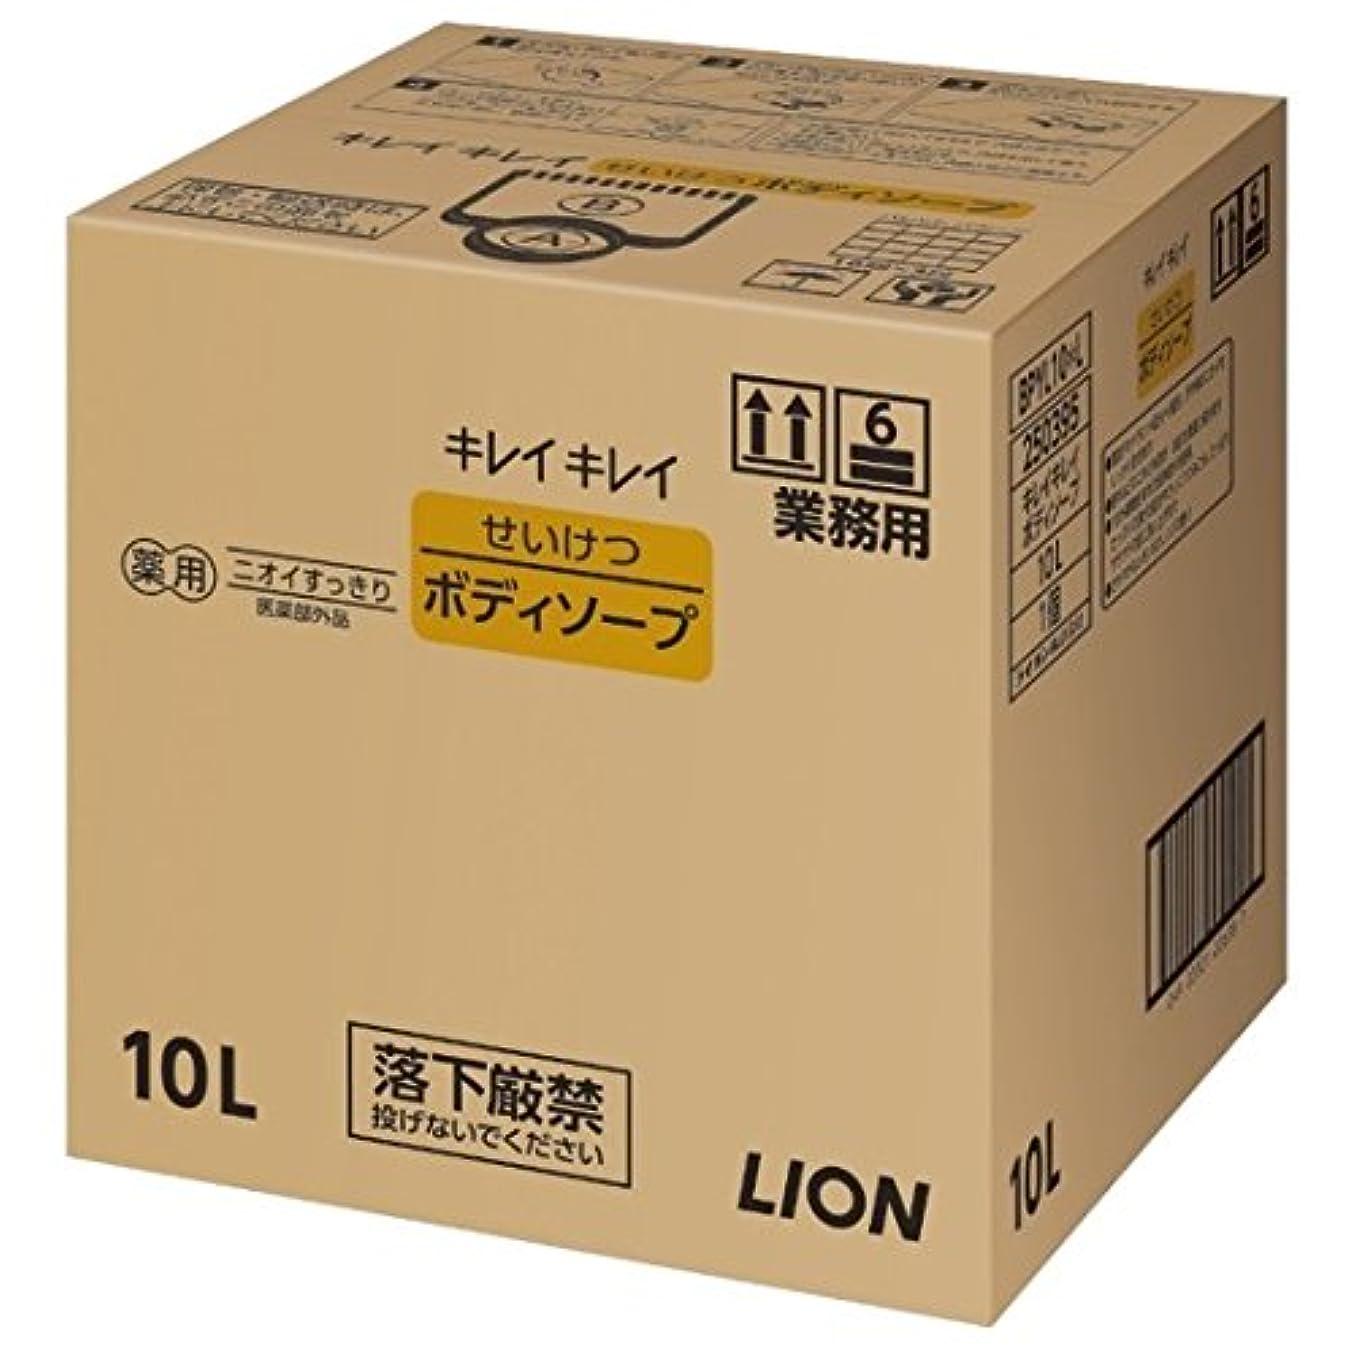 振り返るレポートを書く自伝ライオン 業務用 キレイキレイ せいけつボディソープ 10L